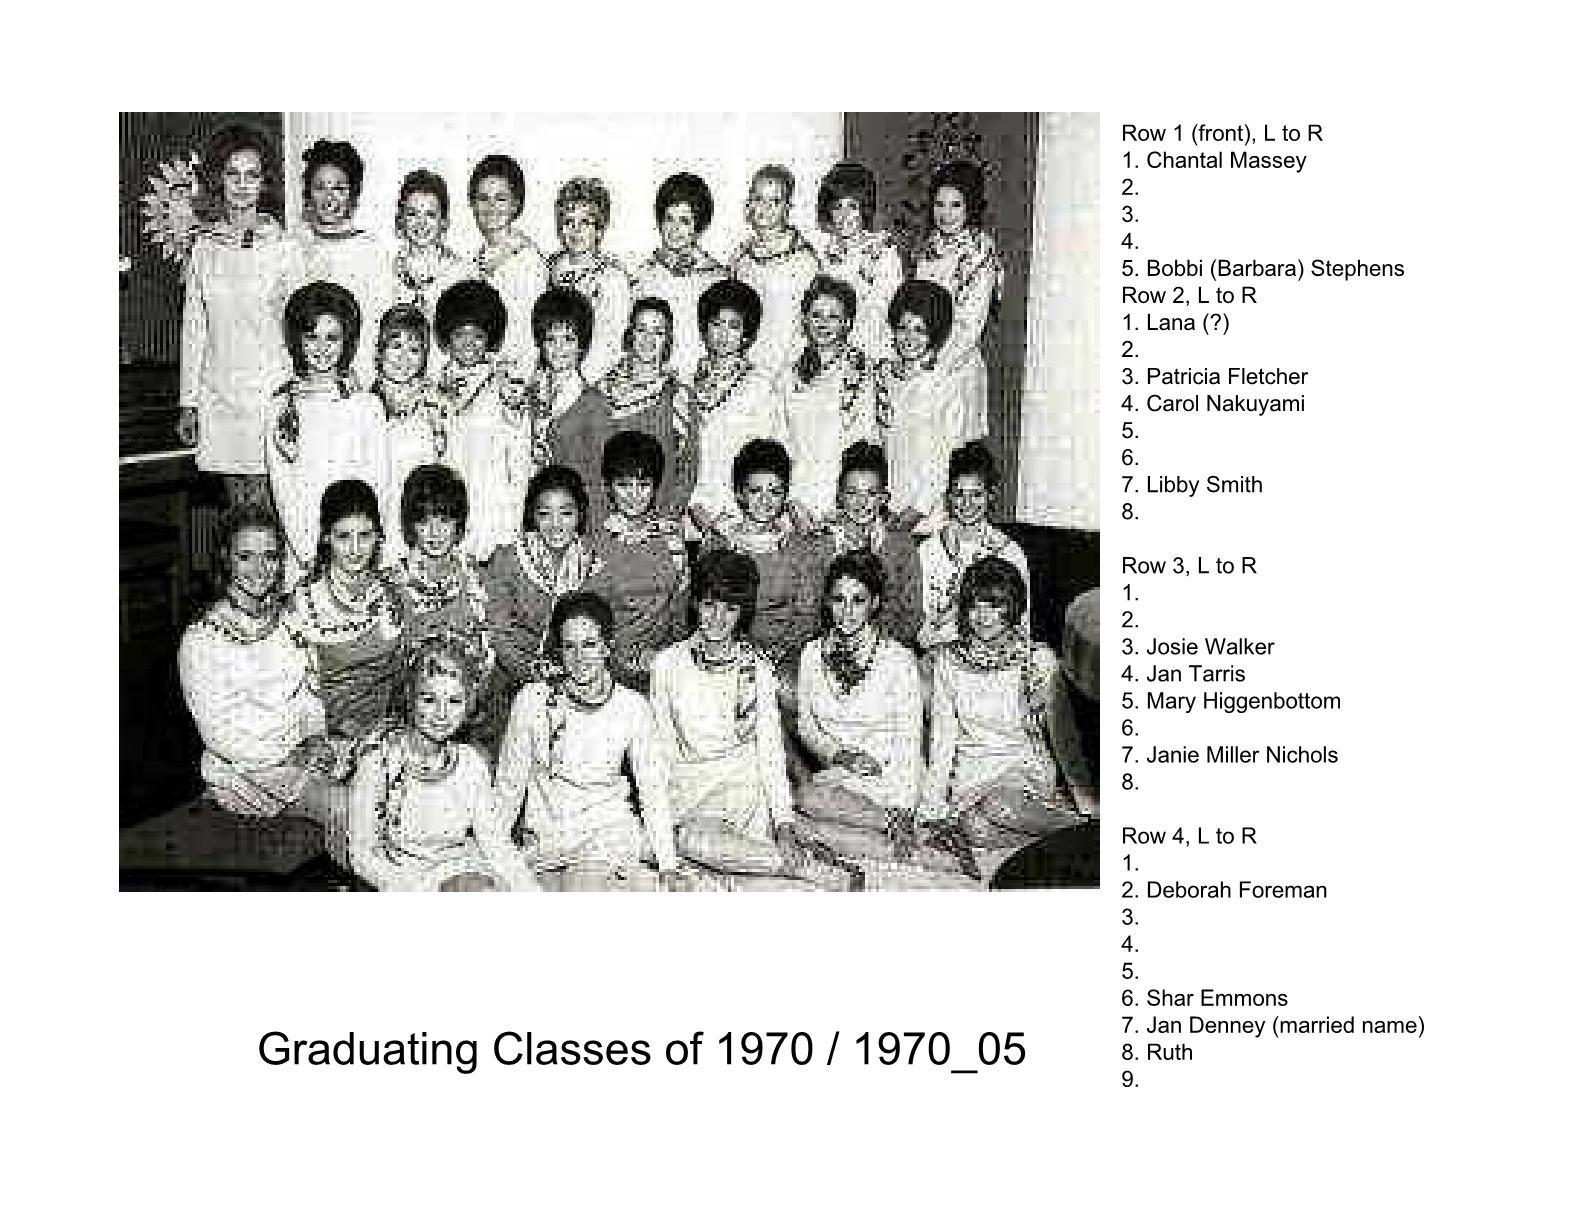 1970s classes